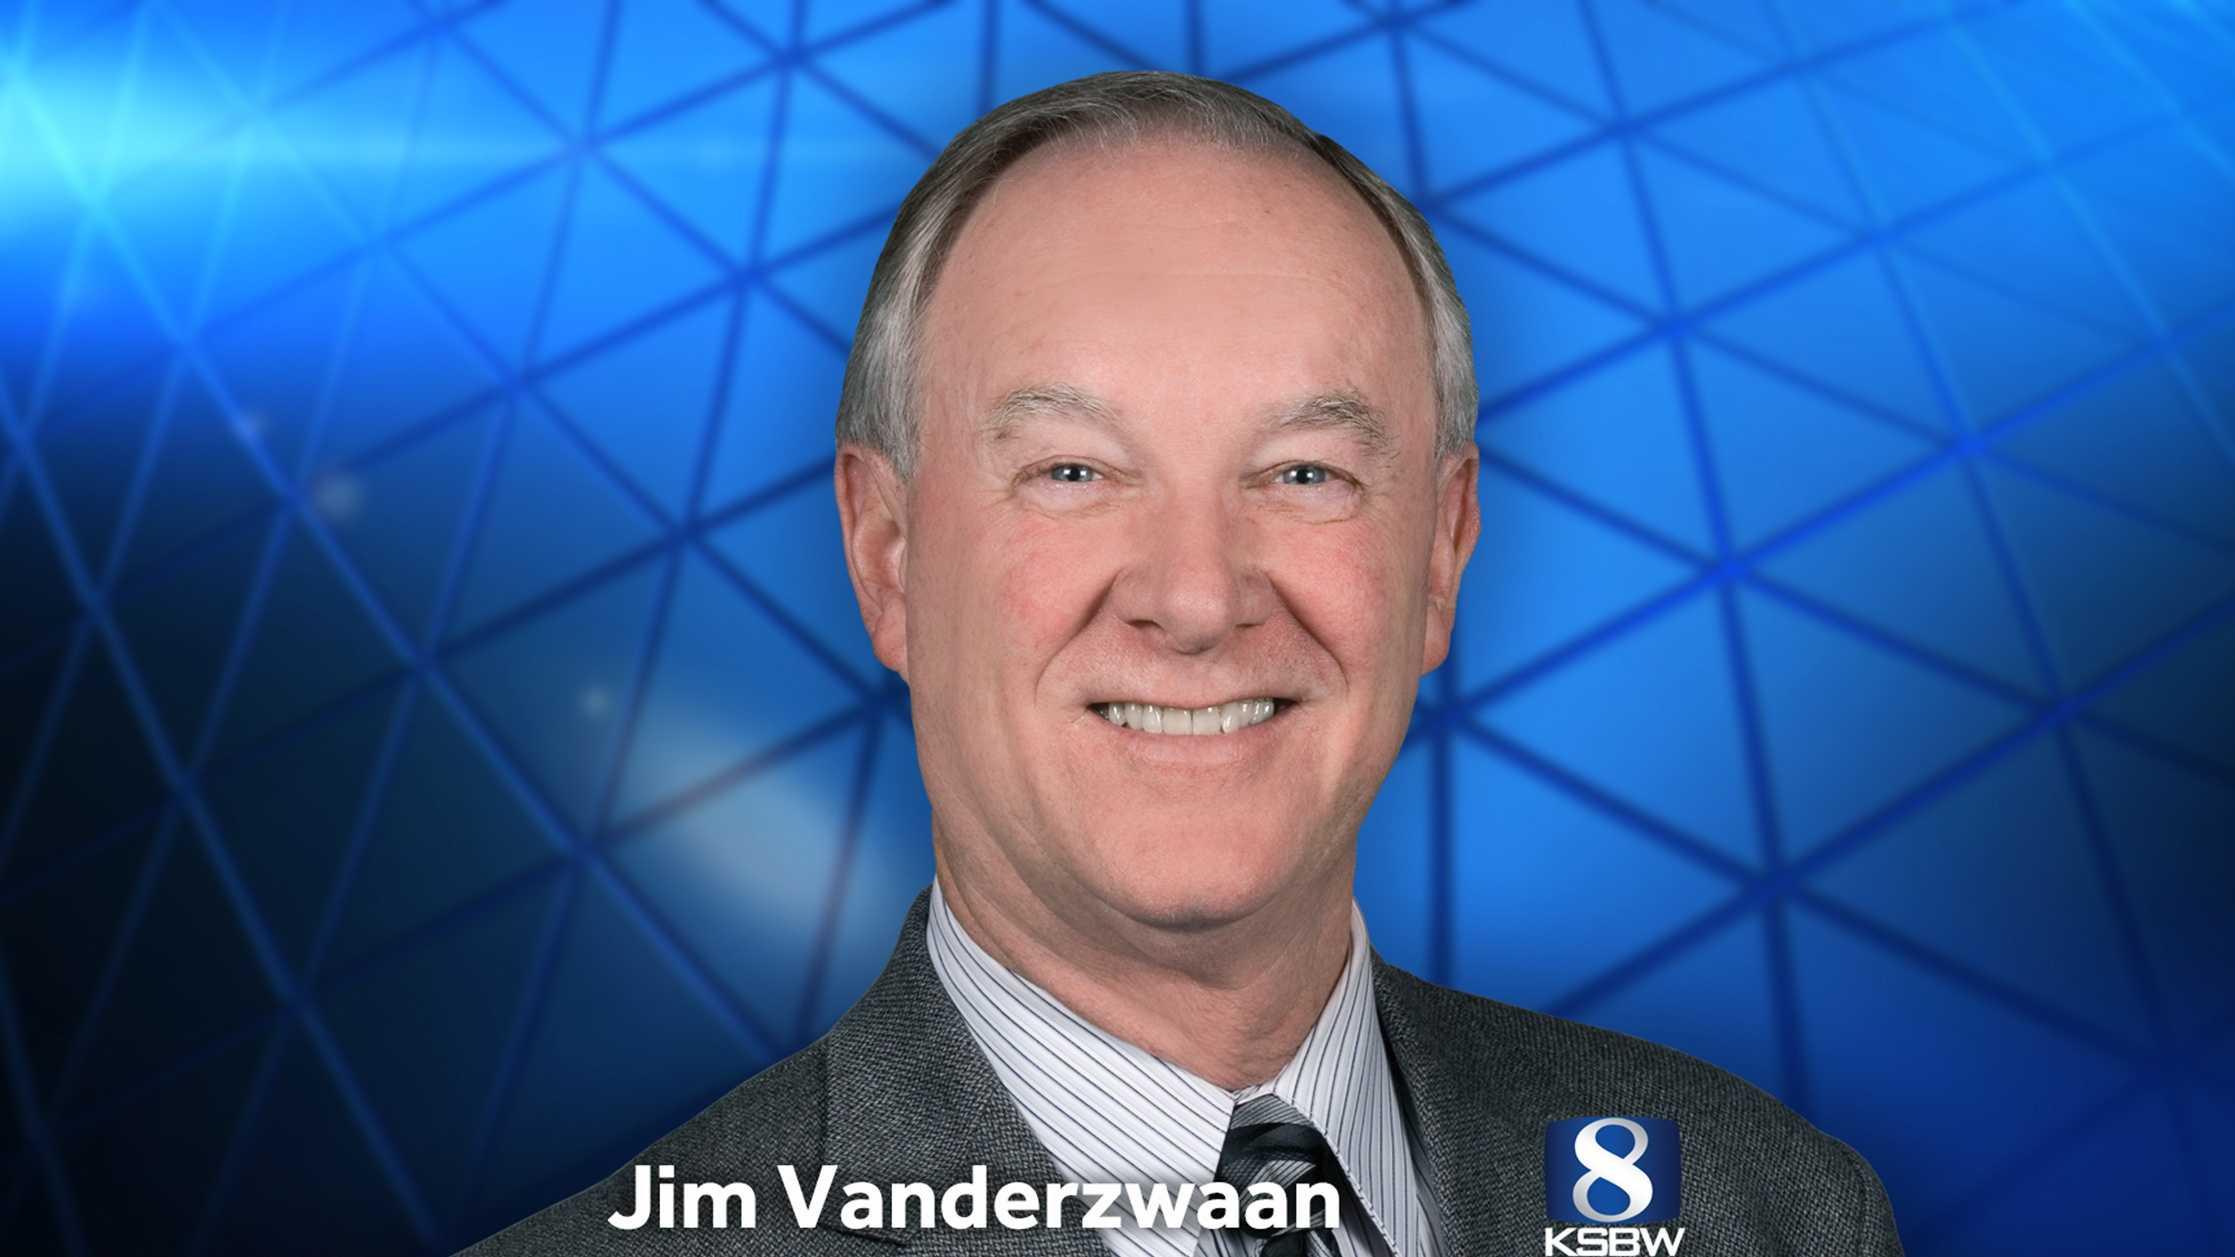 Jim Vanderzwaan